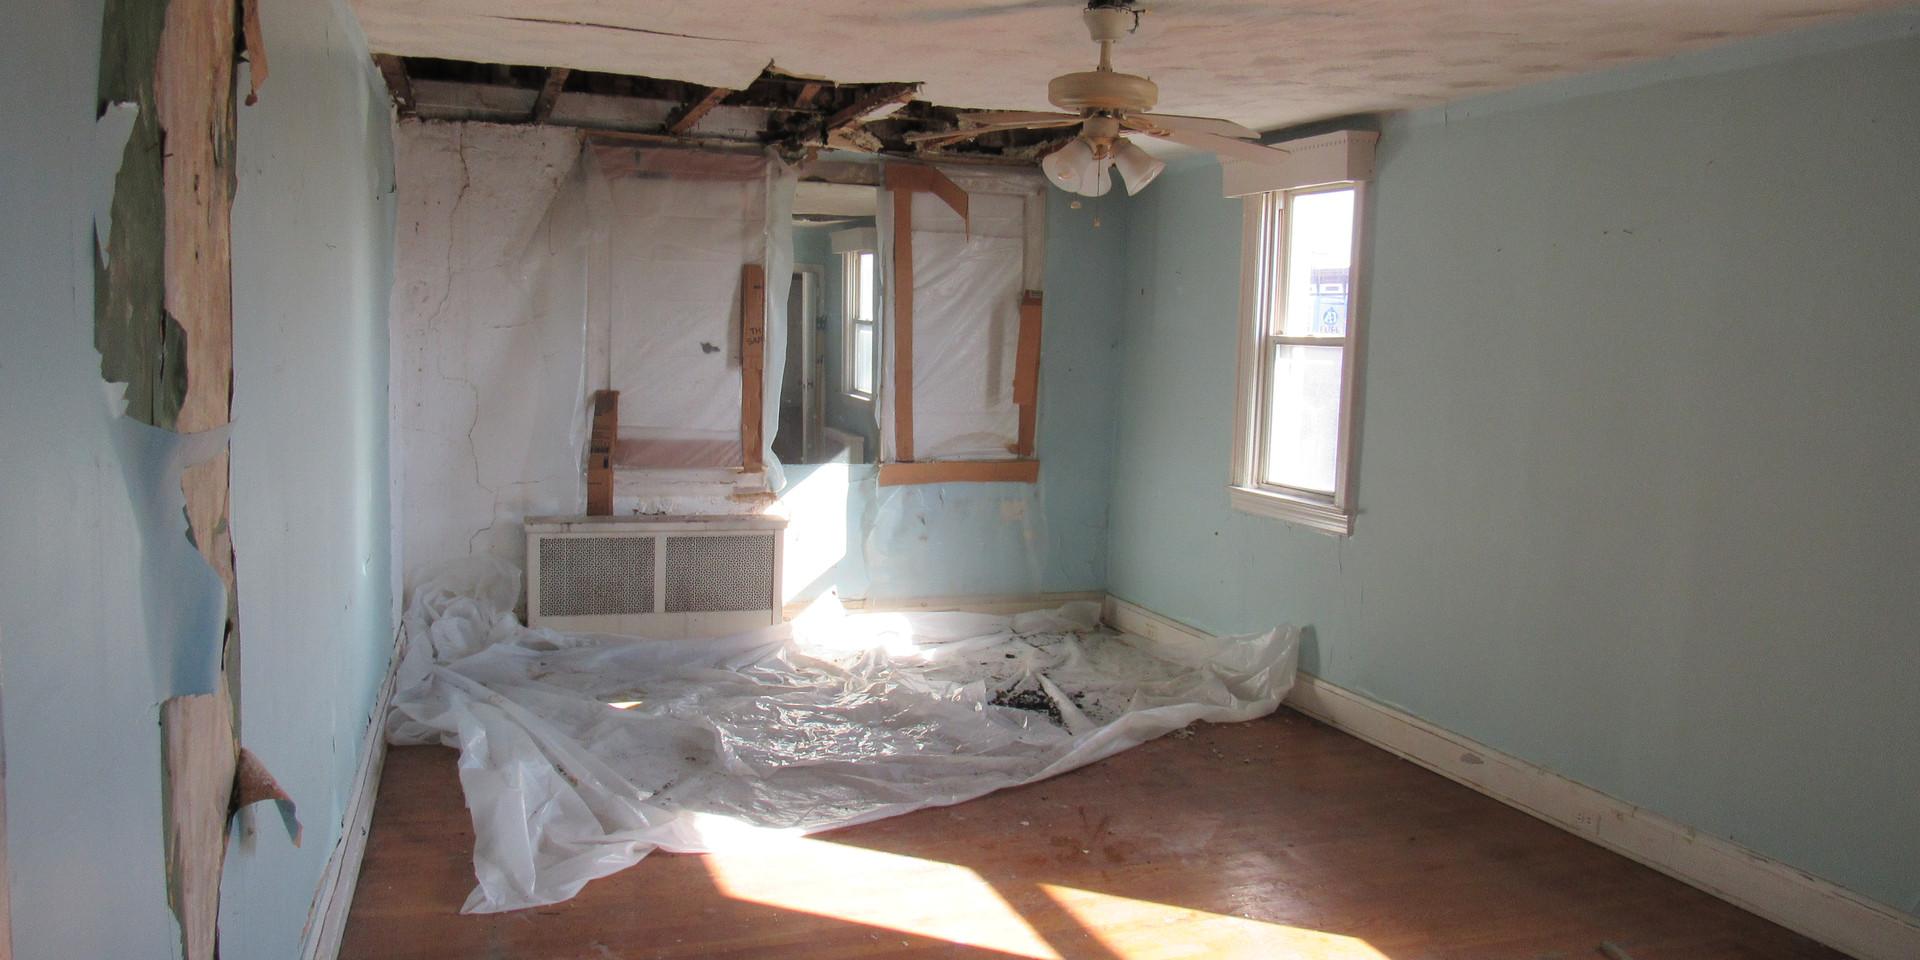 Ib Upstairs Bedroom2.JPG